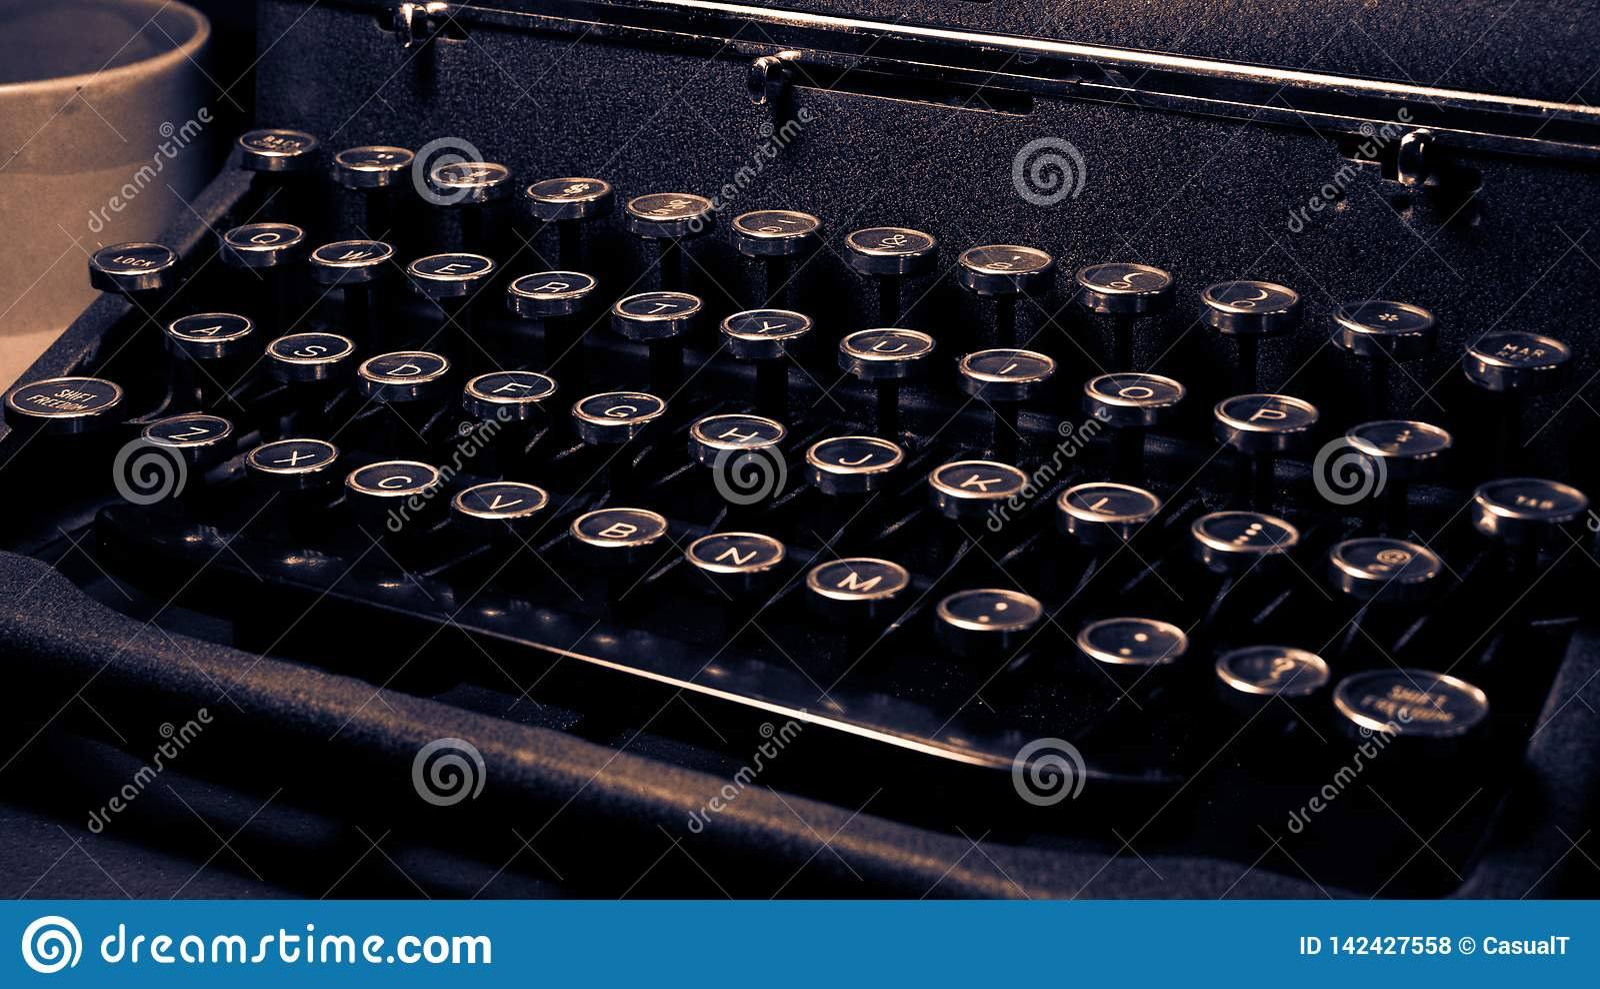 Παλαιά, εκλεκτής ποιότητας γραφομηχανή, βασιλικός ήρεμος λουξ, κινηματογράφηση σε πρώτο πλάνο πληκτρολογίων